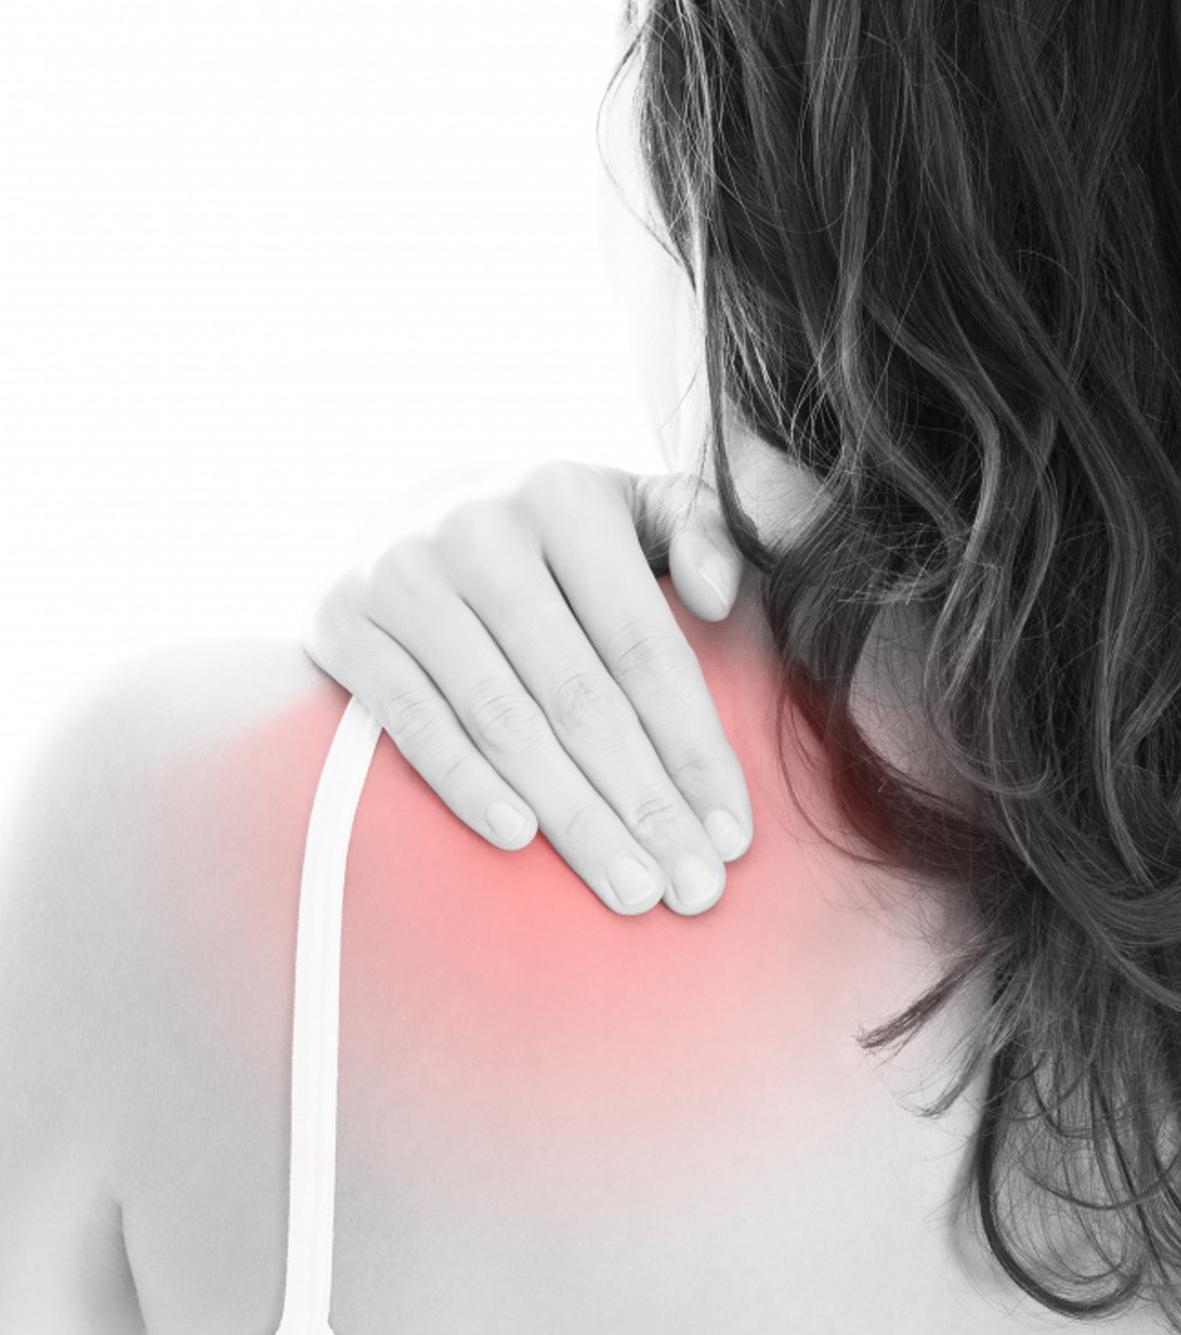 schmerzen des unterschluesselbeinmuskel